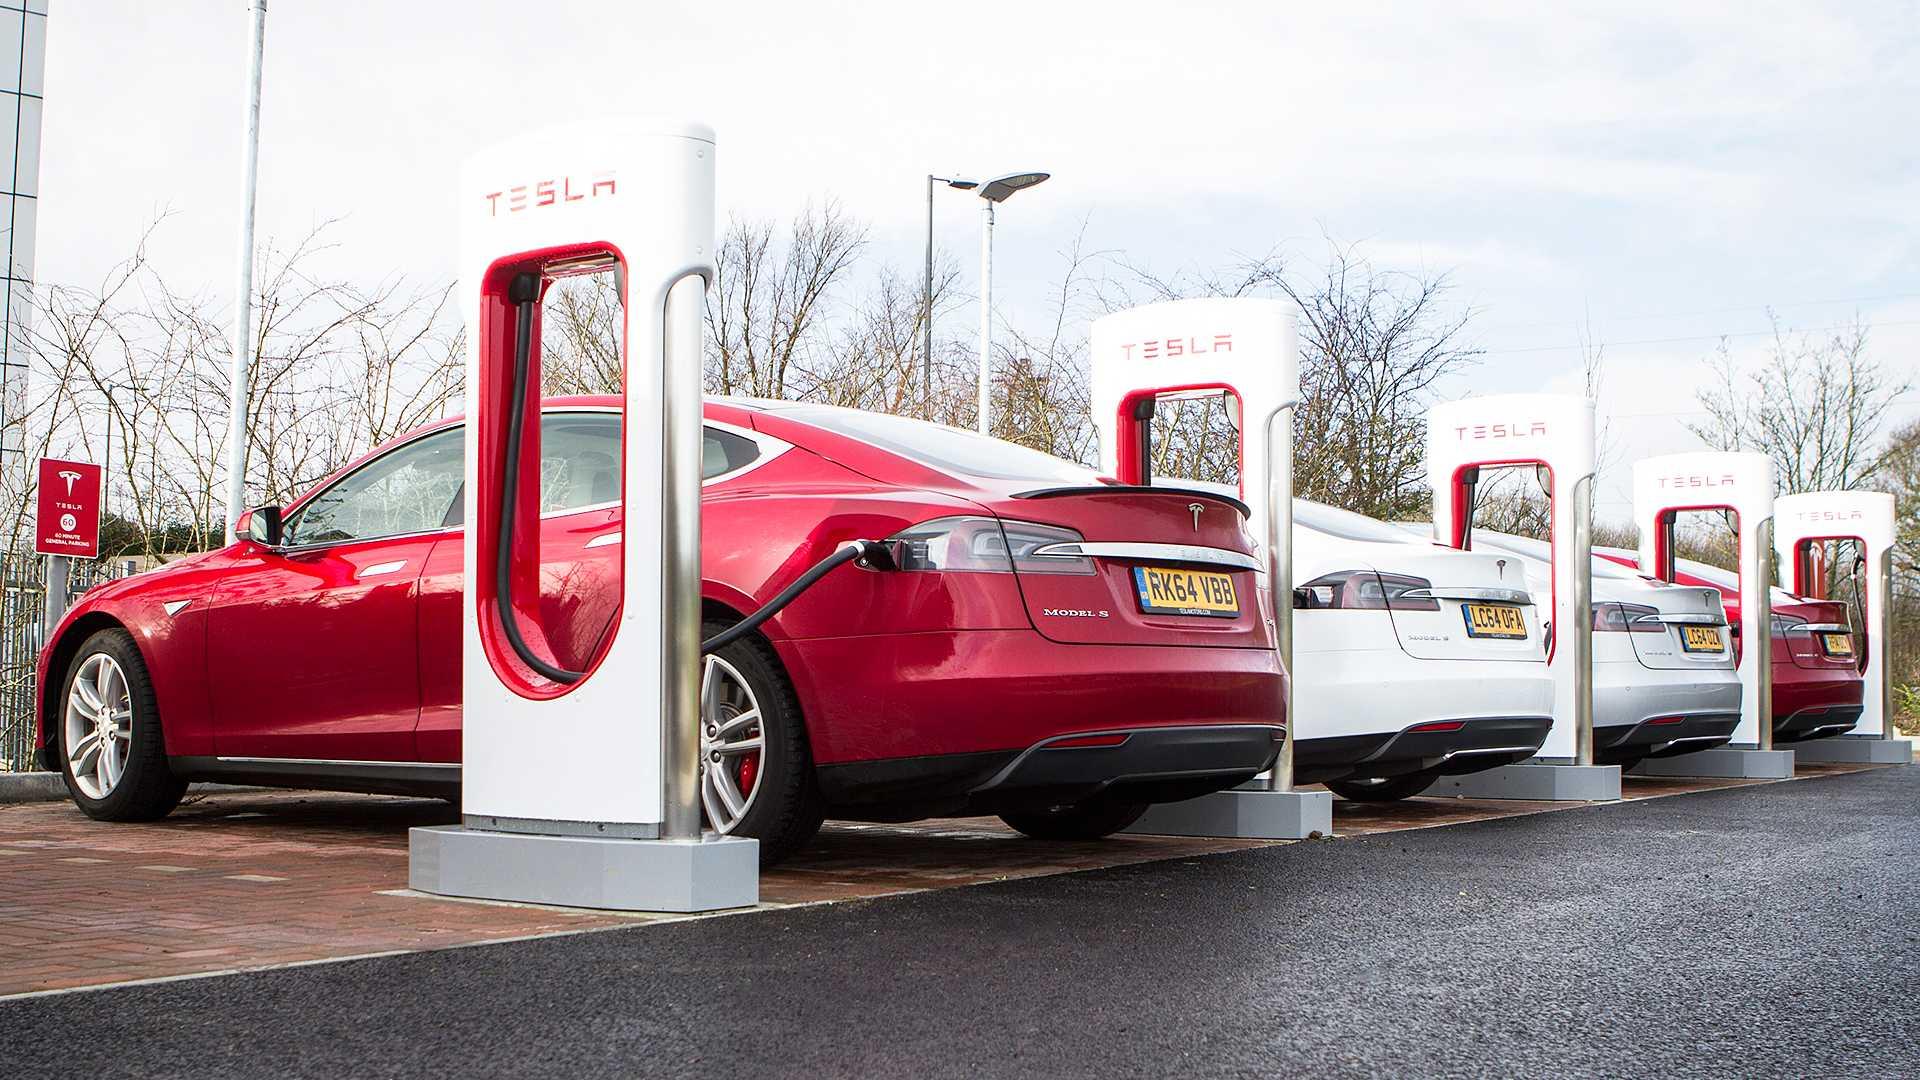 Зарядка инфраструктуры должна вырасти, чтобы соперники Tesla преуспели